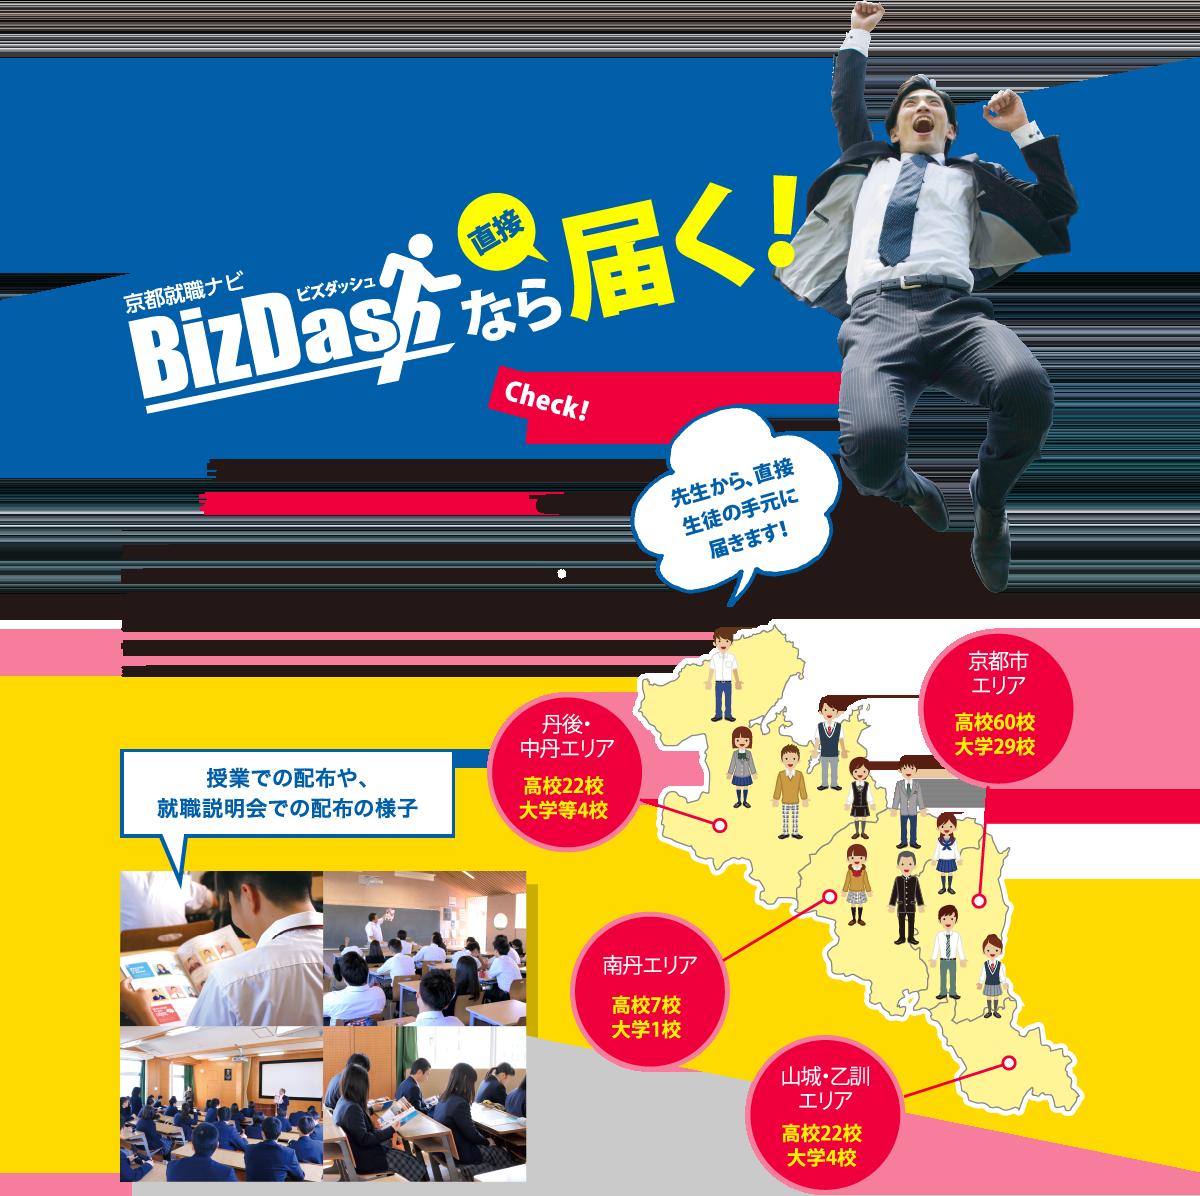 採用活動が困難なコロナ禍の中でも、若者に直接配布される信頼のメディア!京都転職ナビBisDashなら直接届く!学校を通じて生徒に直接手渡しする、若者たちに「直接届く」メディアです!